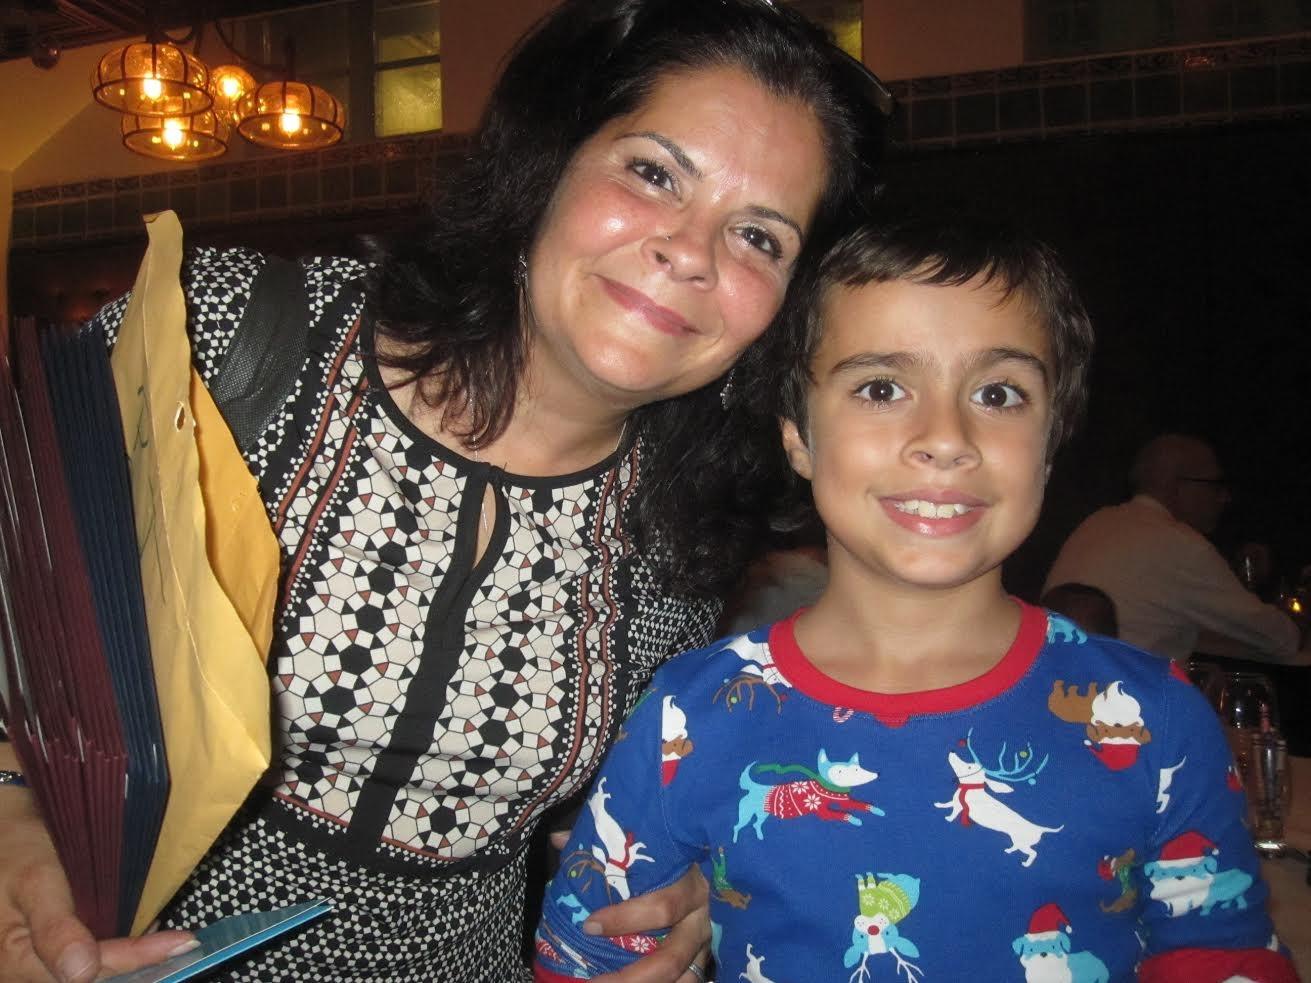 Host Maria L. Delgado